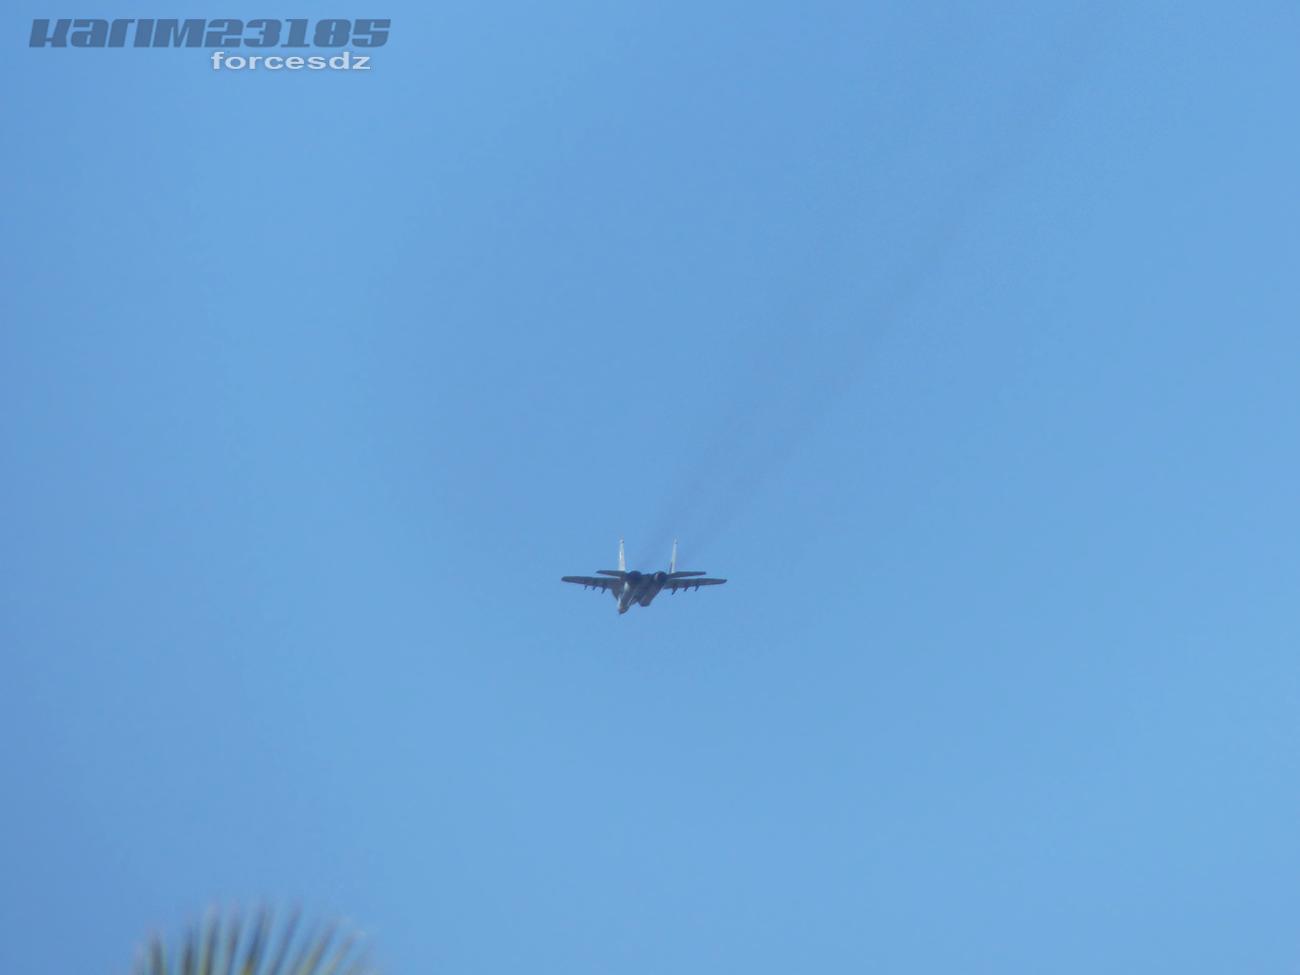 صور طائرات القوات الجوية الجزائرية  [ MIG-29S/UB / Fulcrum ] 8